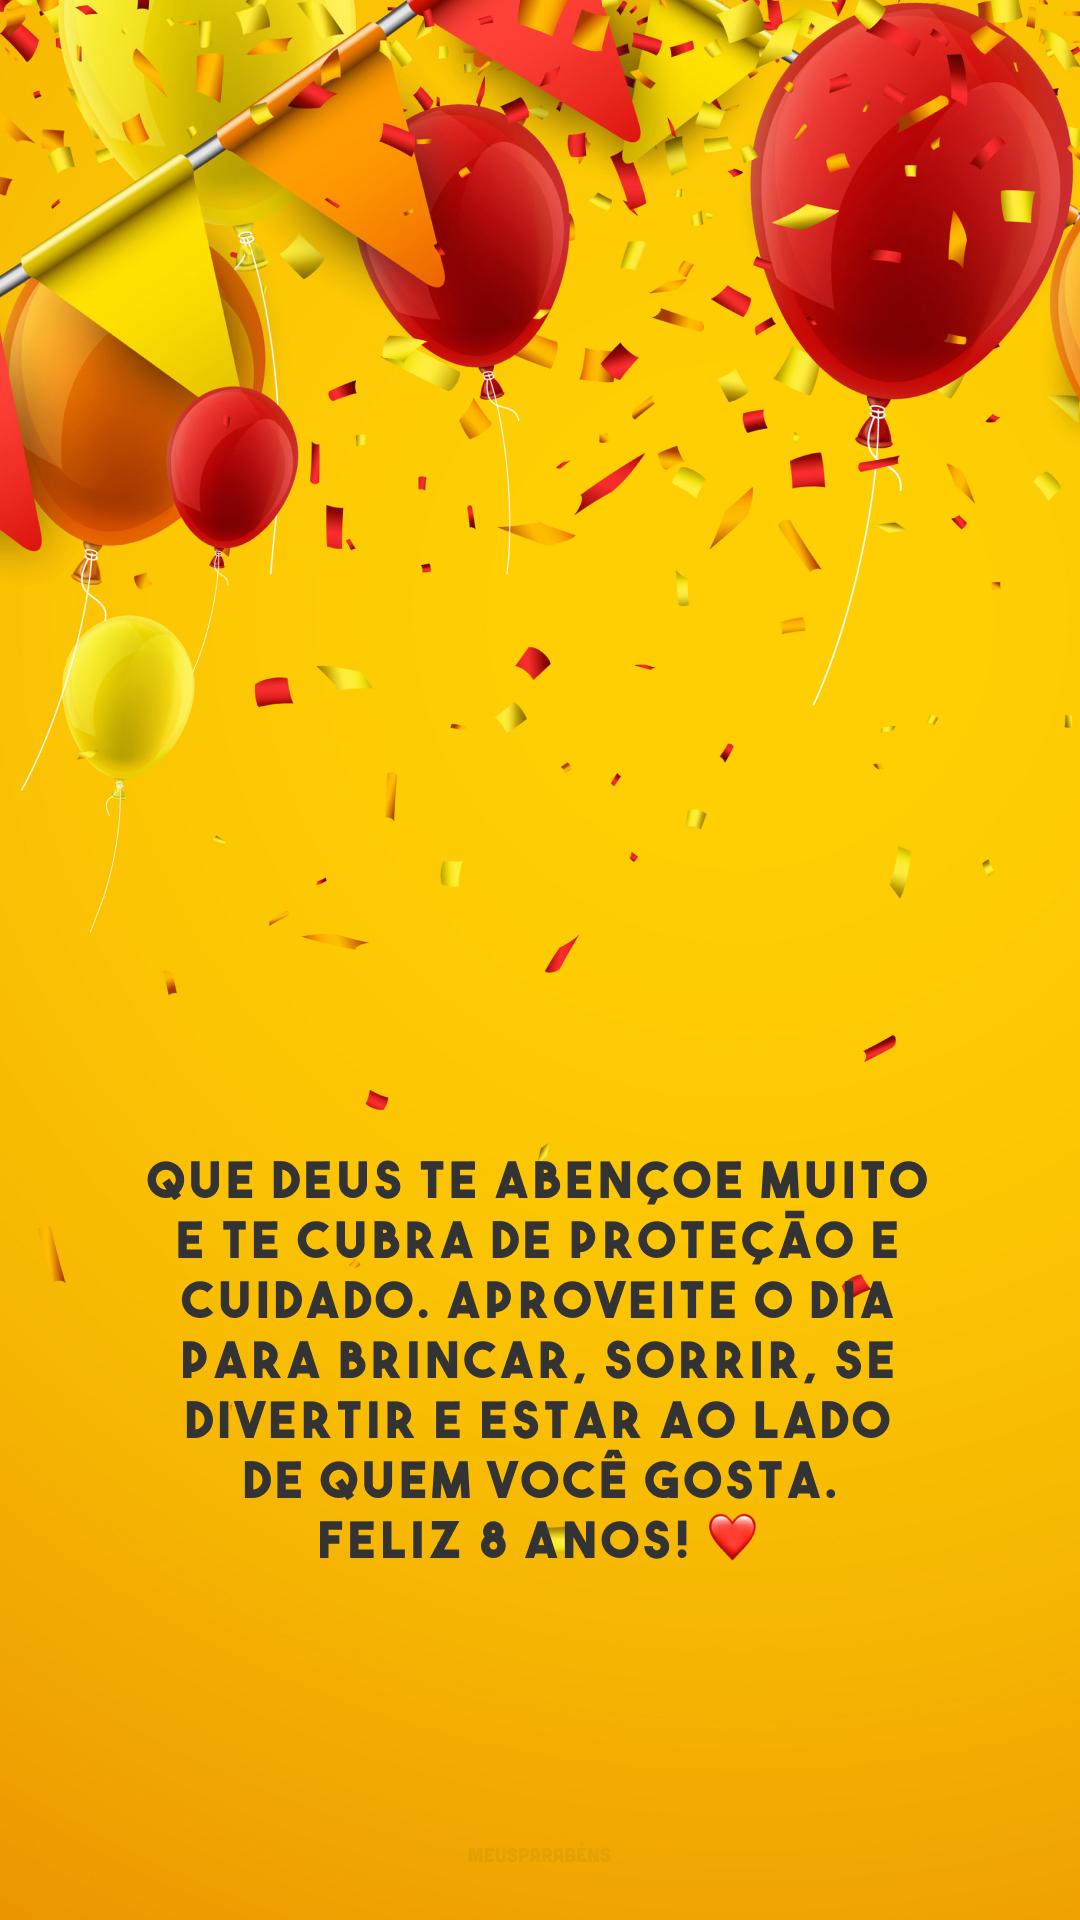 Que Deus te abençoe muito e te cubra de proteção e cuidado. Aproveite o dia para brincar, sorrir, se divertir e estar ao lado de quem você gosta. Feliz 8 anos! ❤️